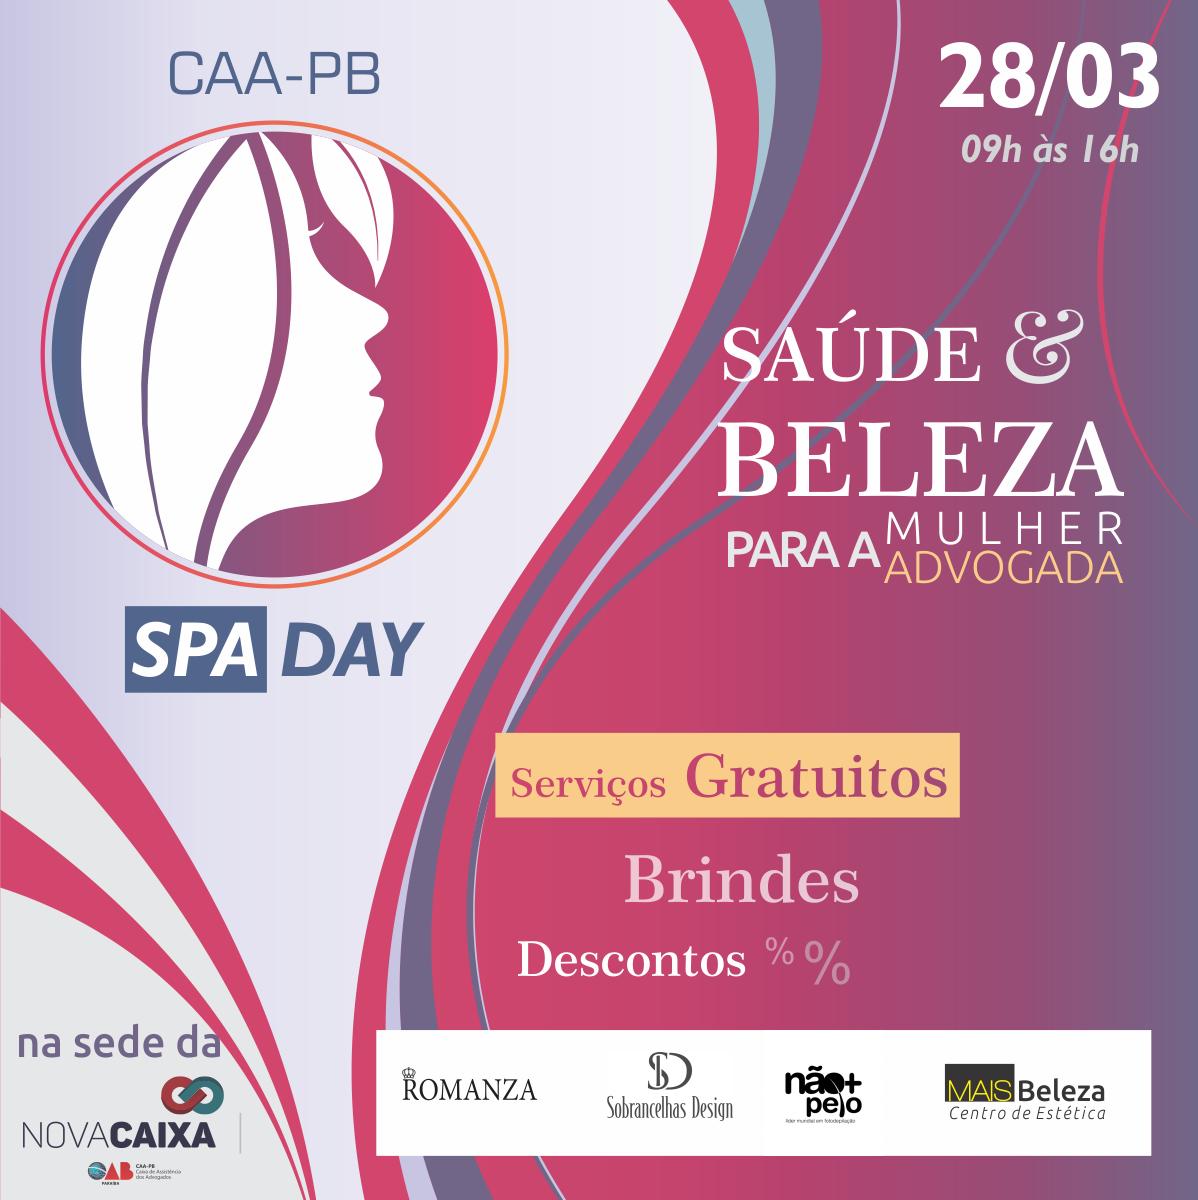 CAA-PB promove Spa Day: um dia de serviços gratuitos para beleza e saúde das mulheres advogadas